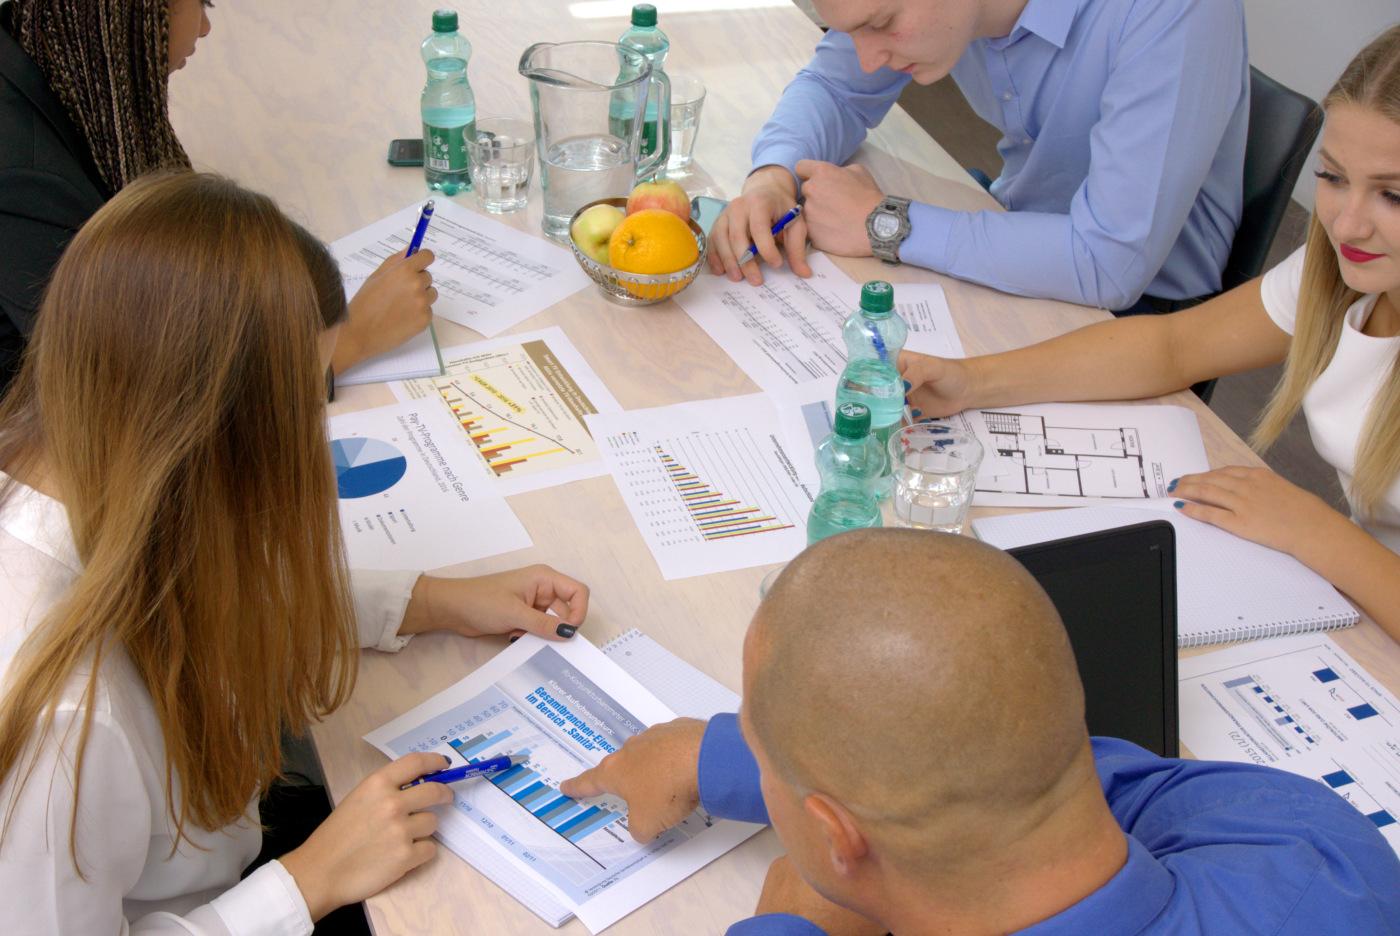 Teammeeting bezüglich Geschäftsentwicklung